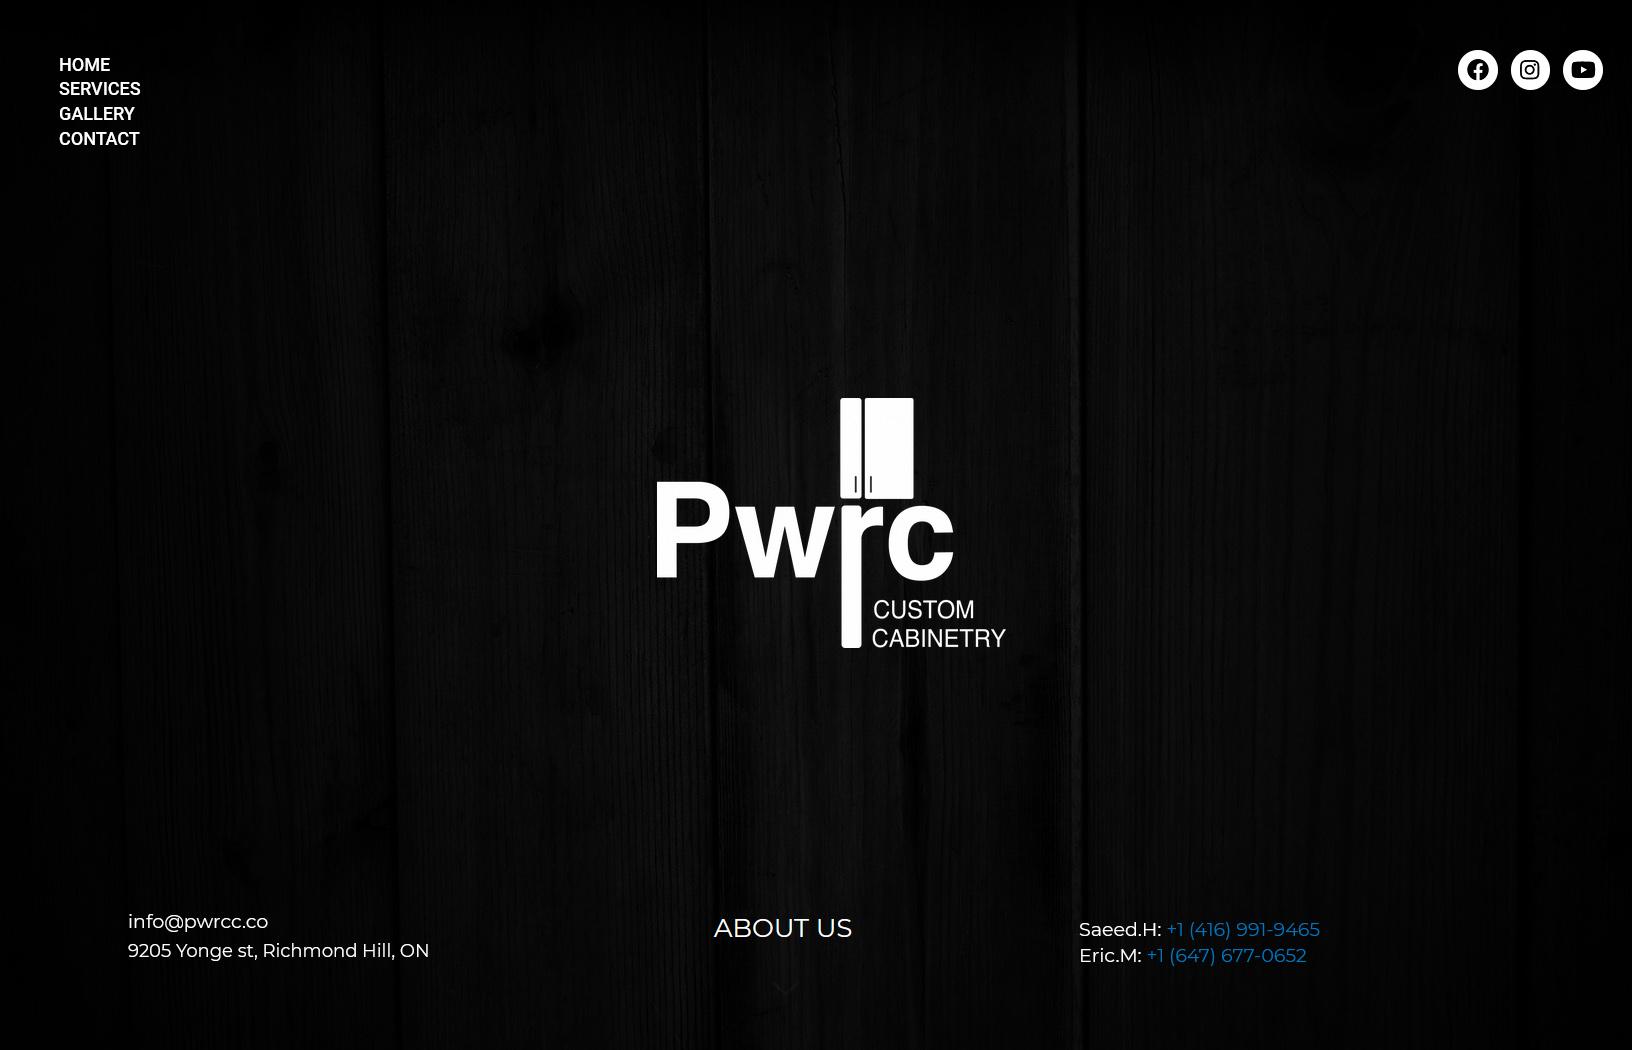 pwrc - طراحی سایت